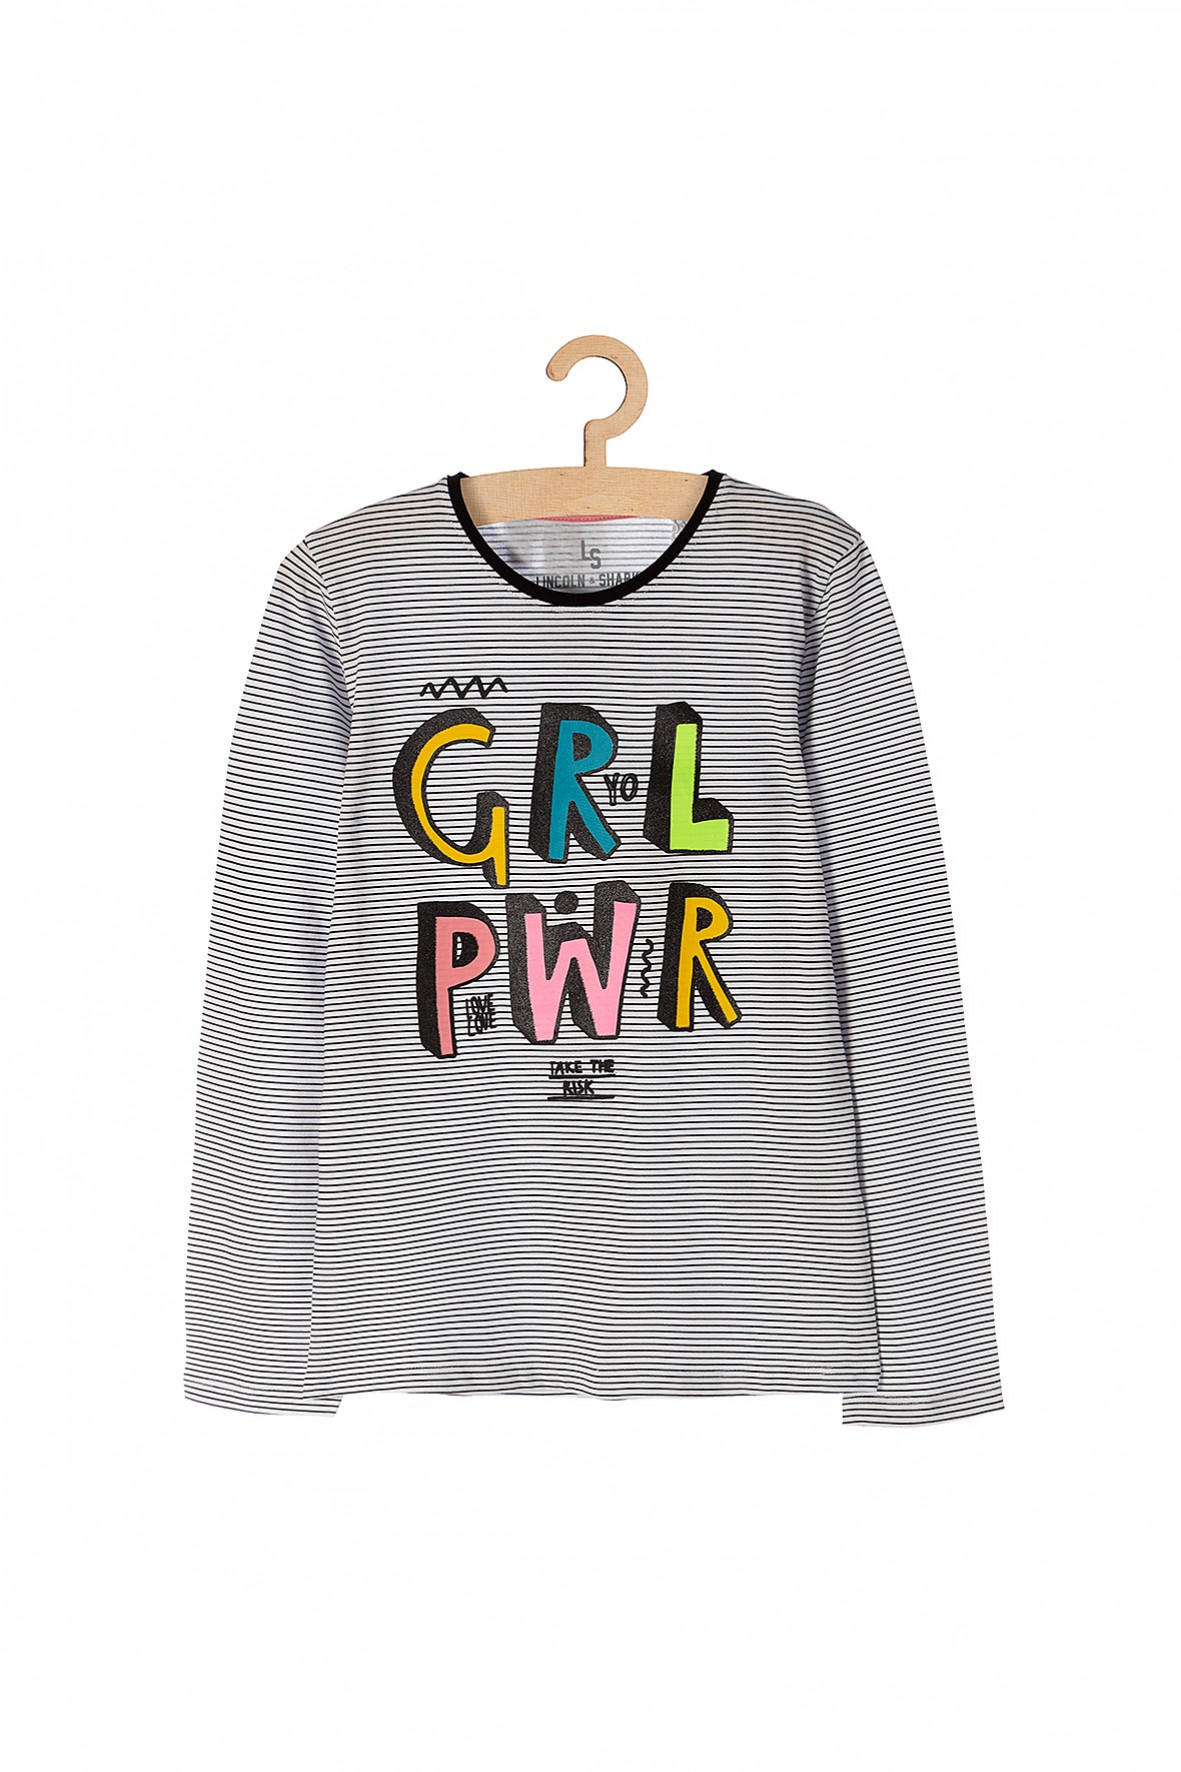 Bluzka dziewczęca w paski-kolorowy napis z przodu